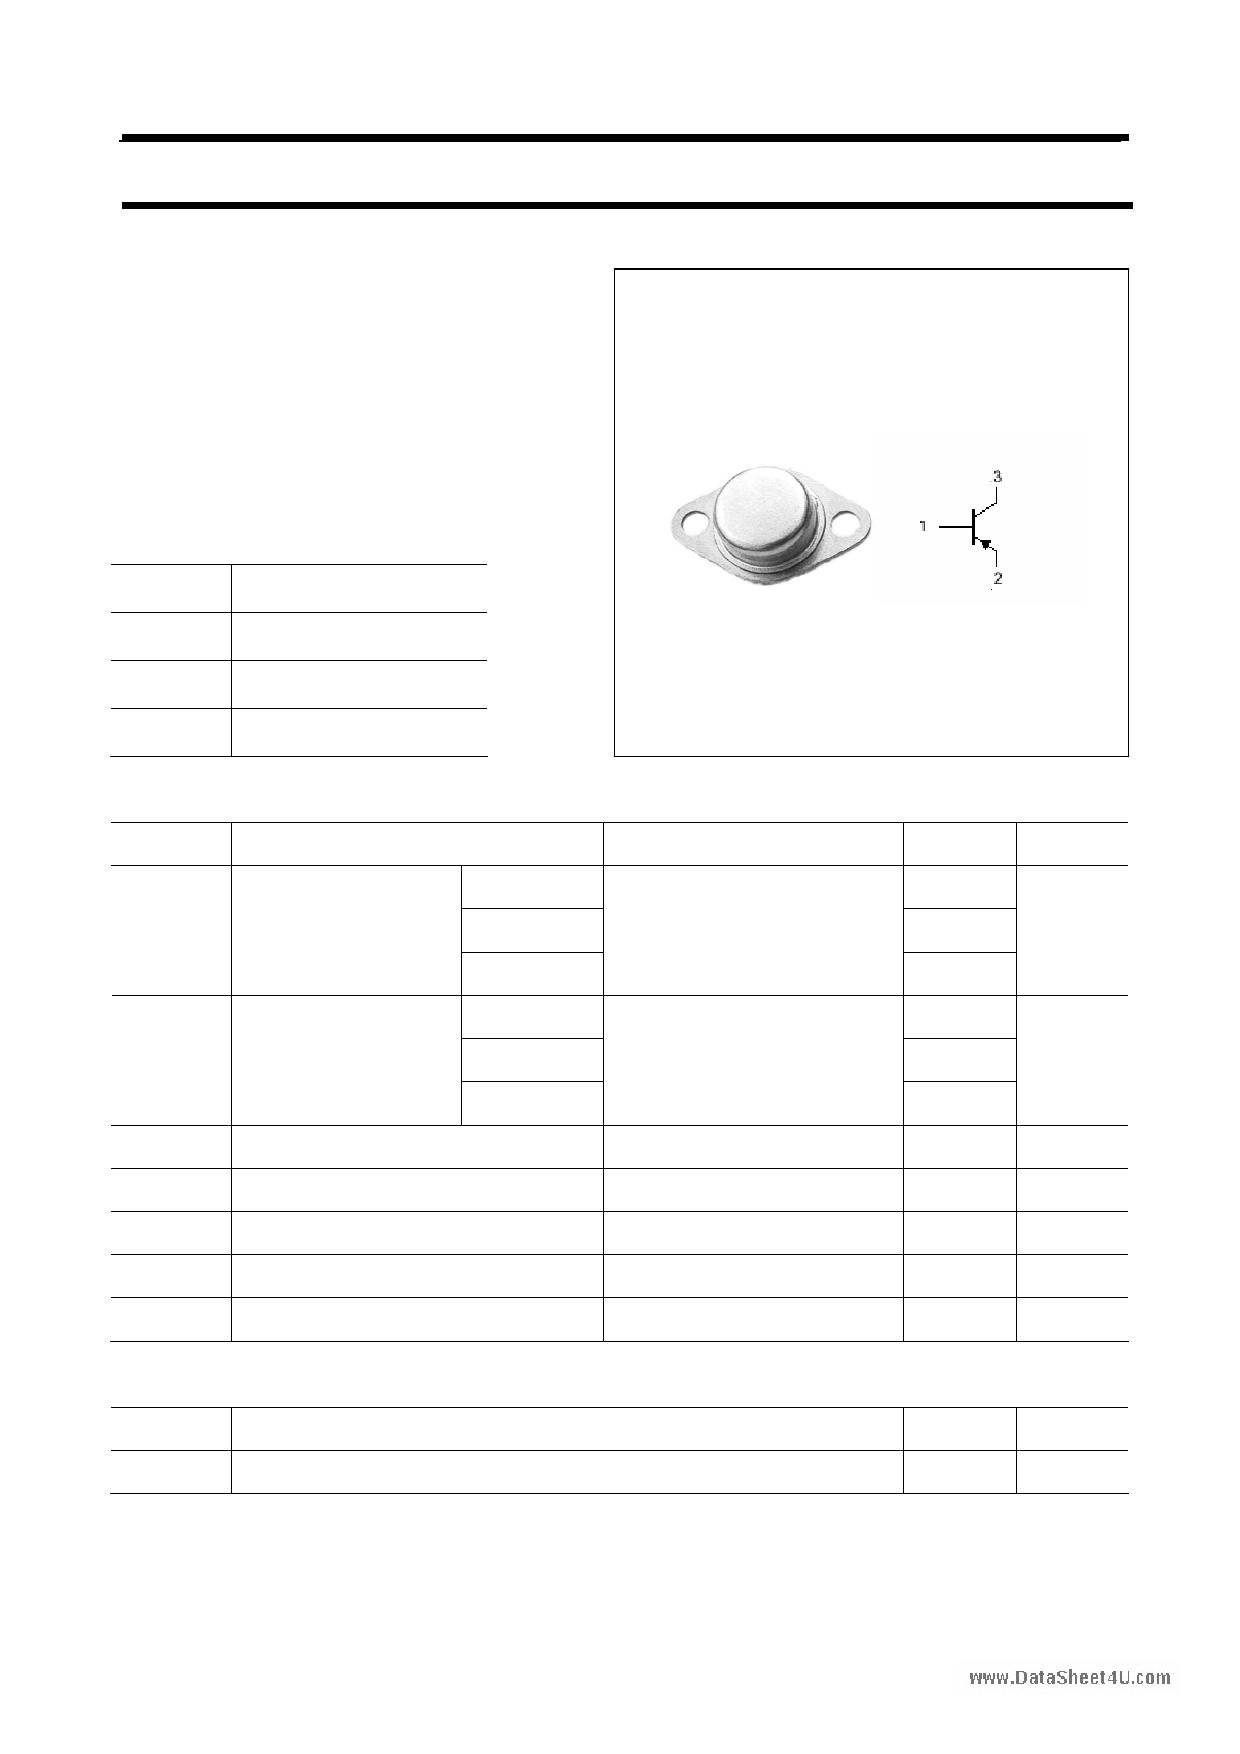 2N5611 دیتاشیت PDF